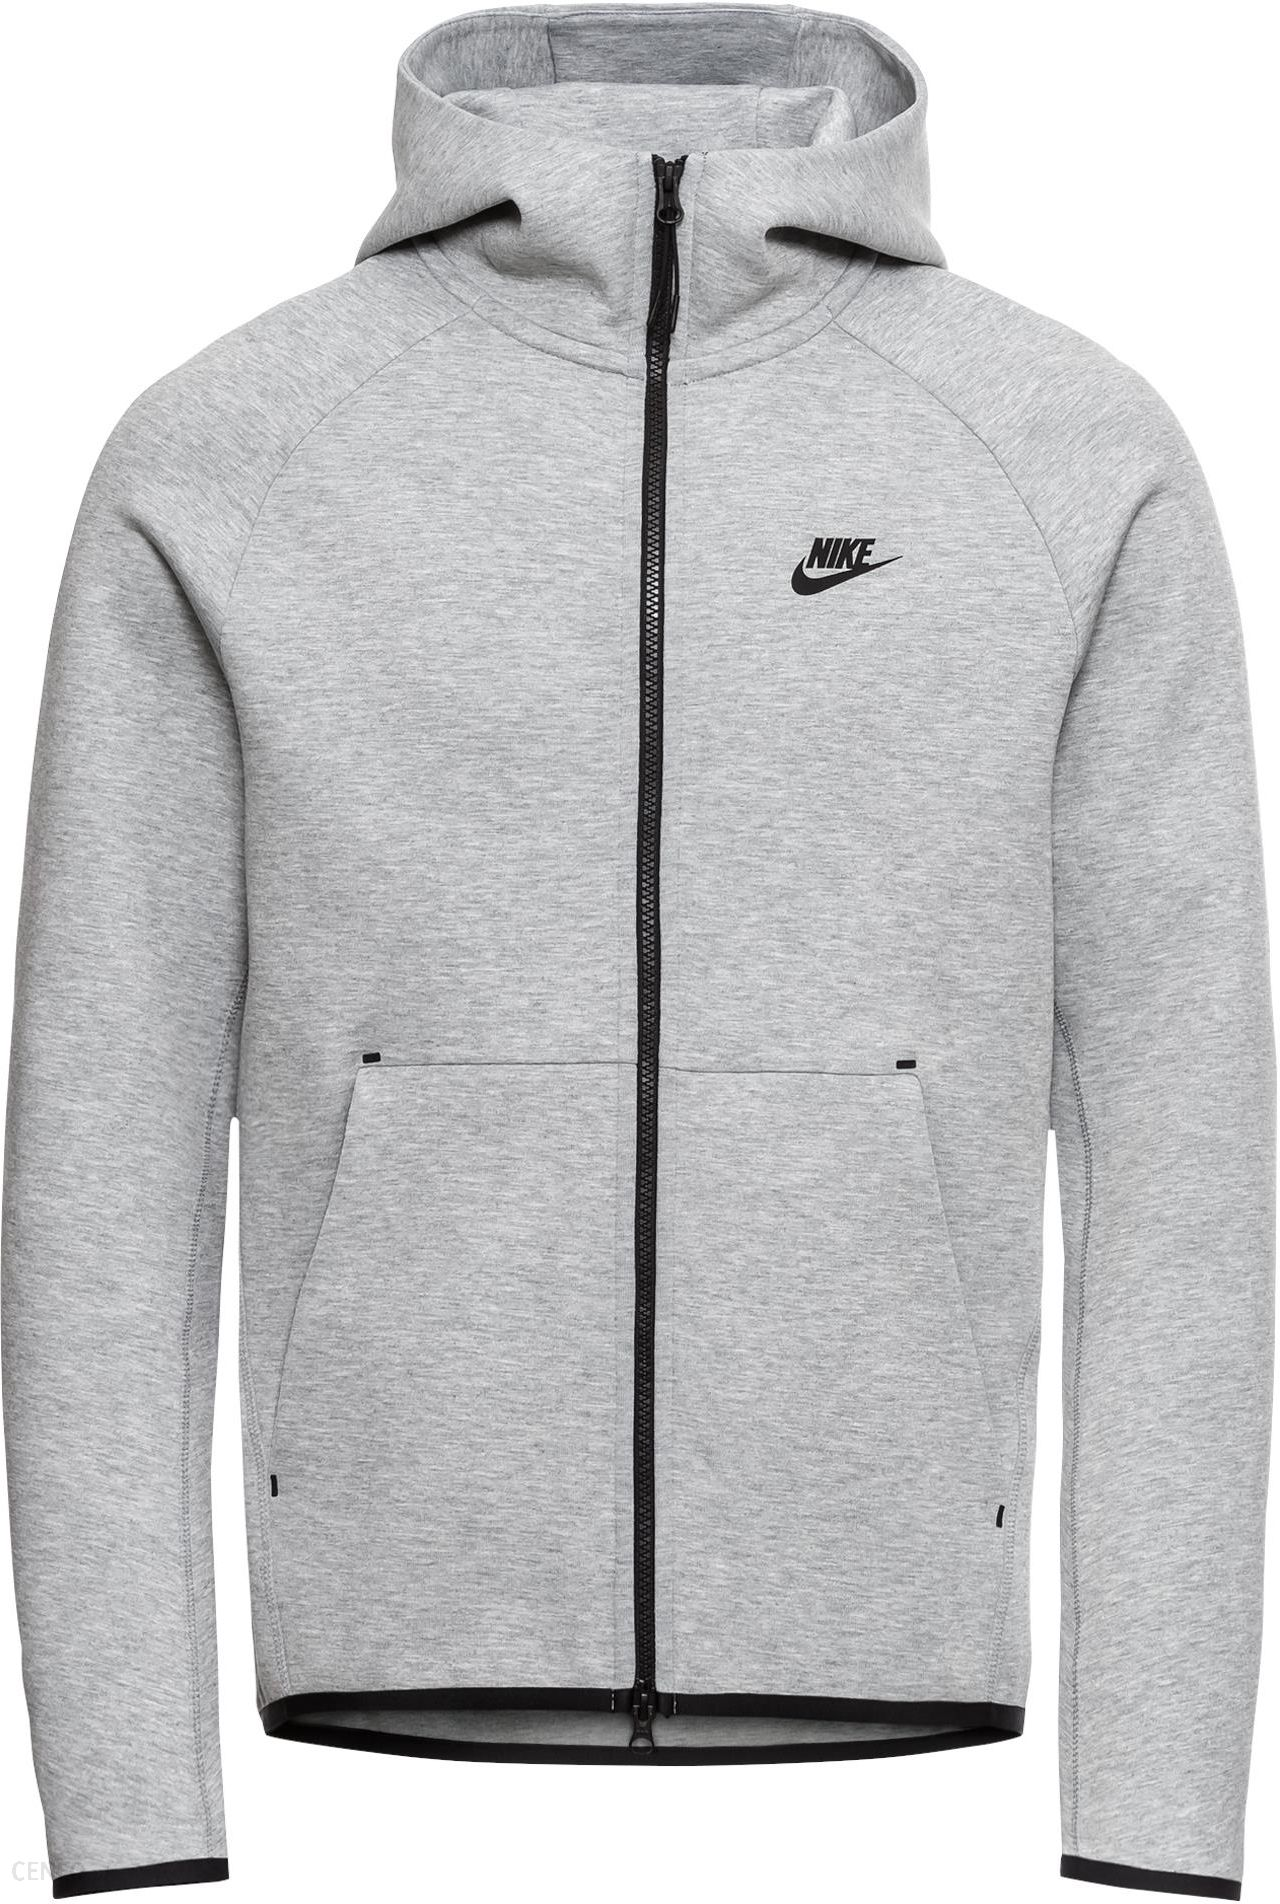 8184b1a31 Nike Sportswear Bluza rozpinana 'M NSW TCH FLC HOODIE FZ' - Ceny i ...